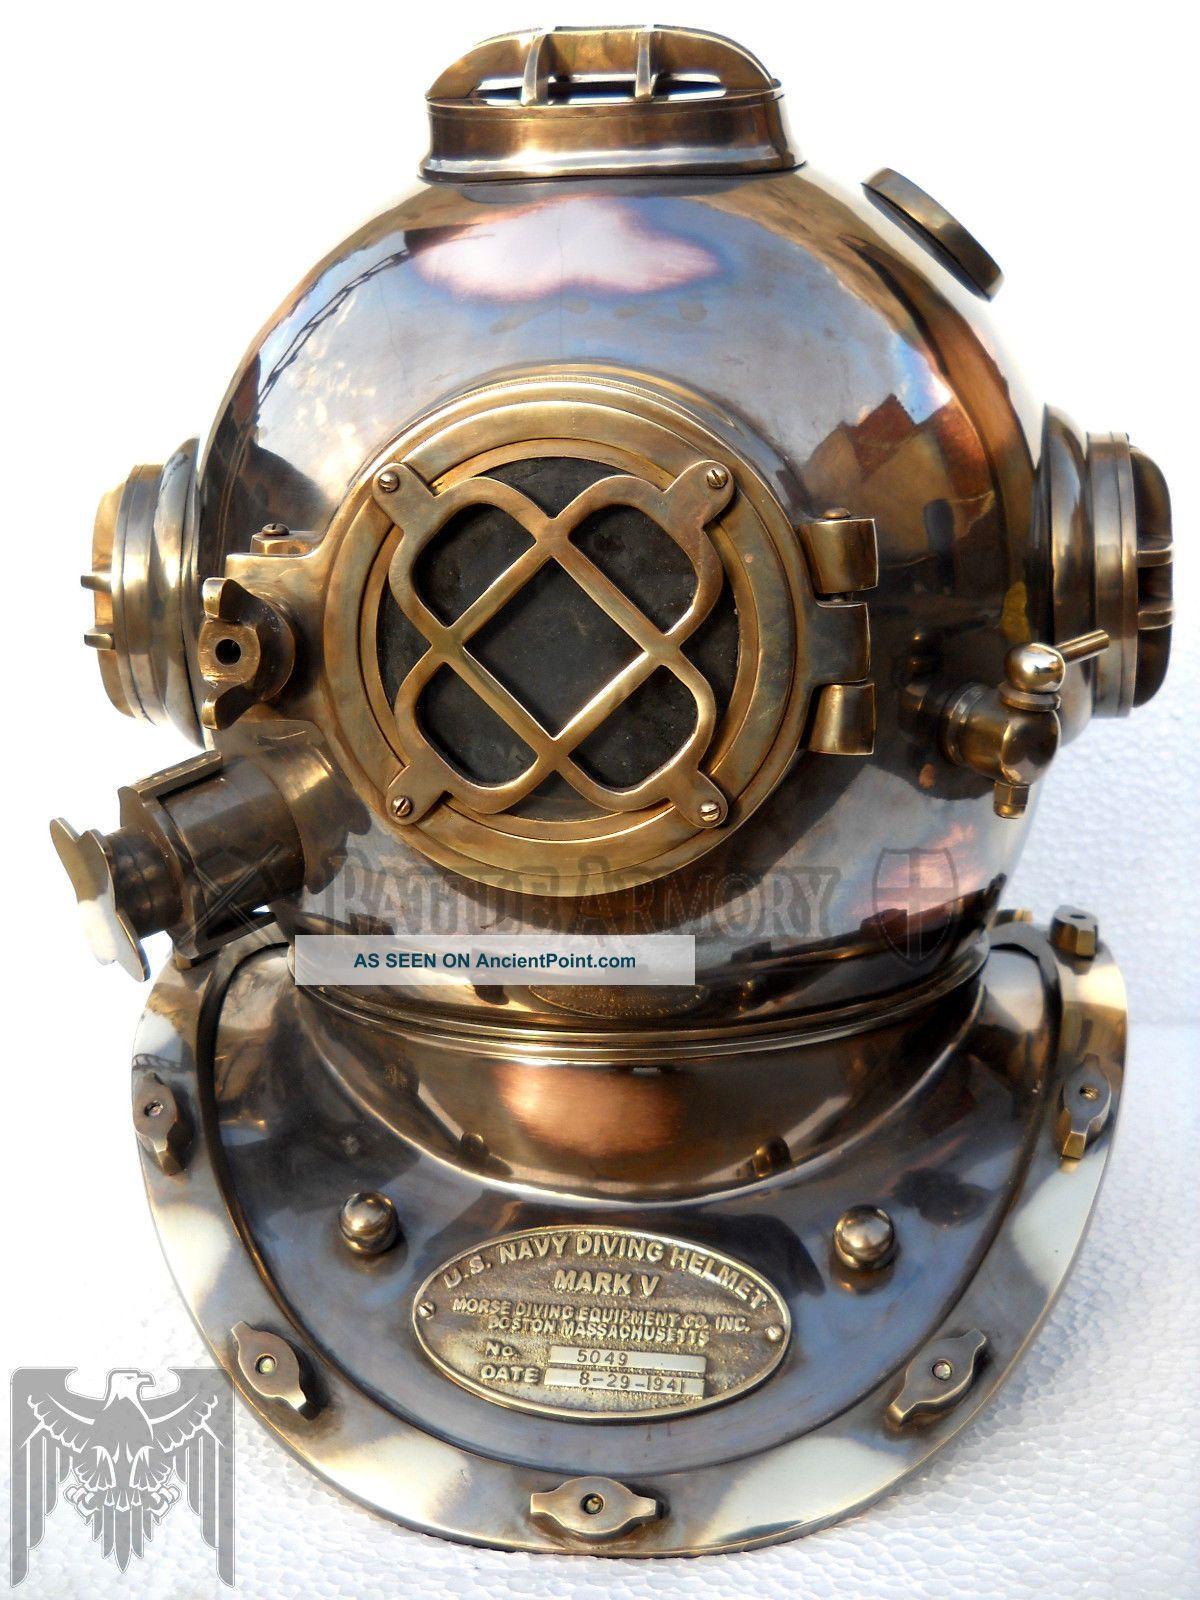 Antique Copper Brass Diving Helmet U.  S Navy Mark V Full Size 18 Diving Helmets photo